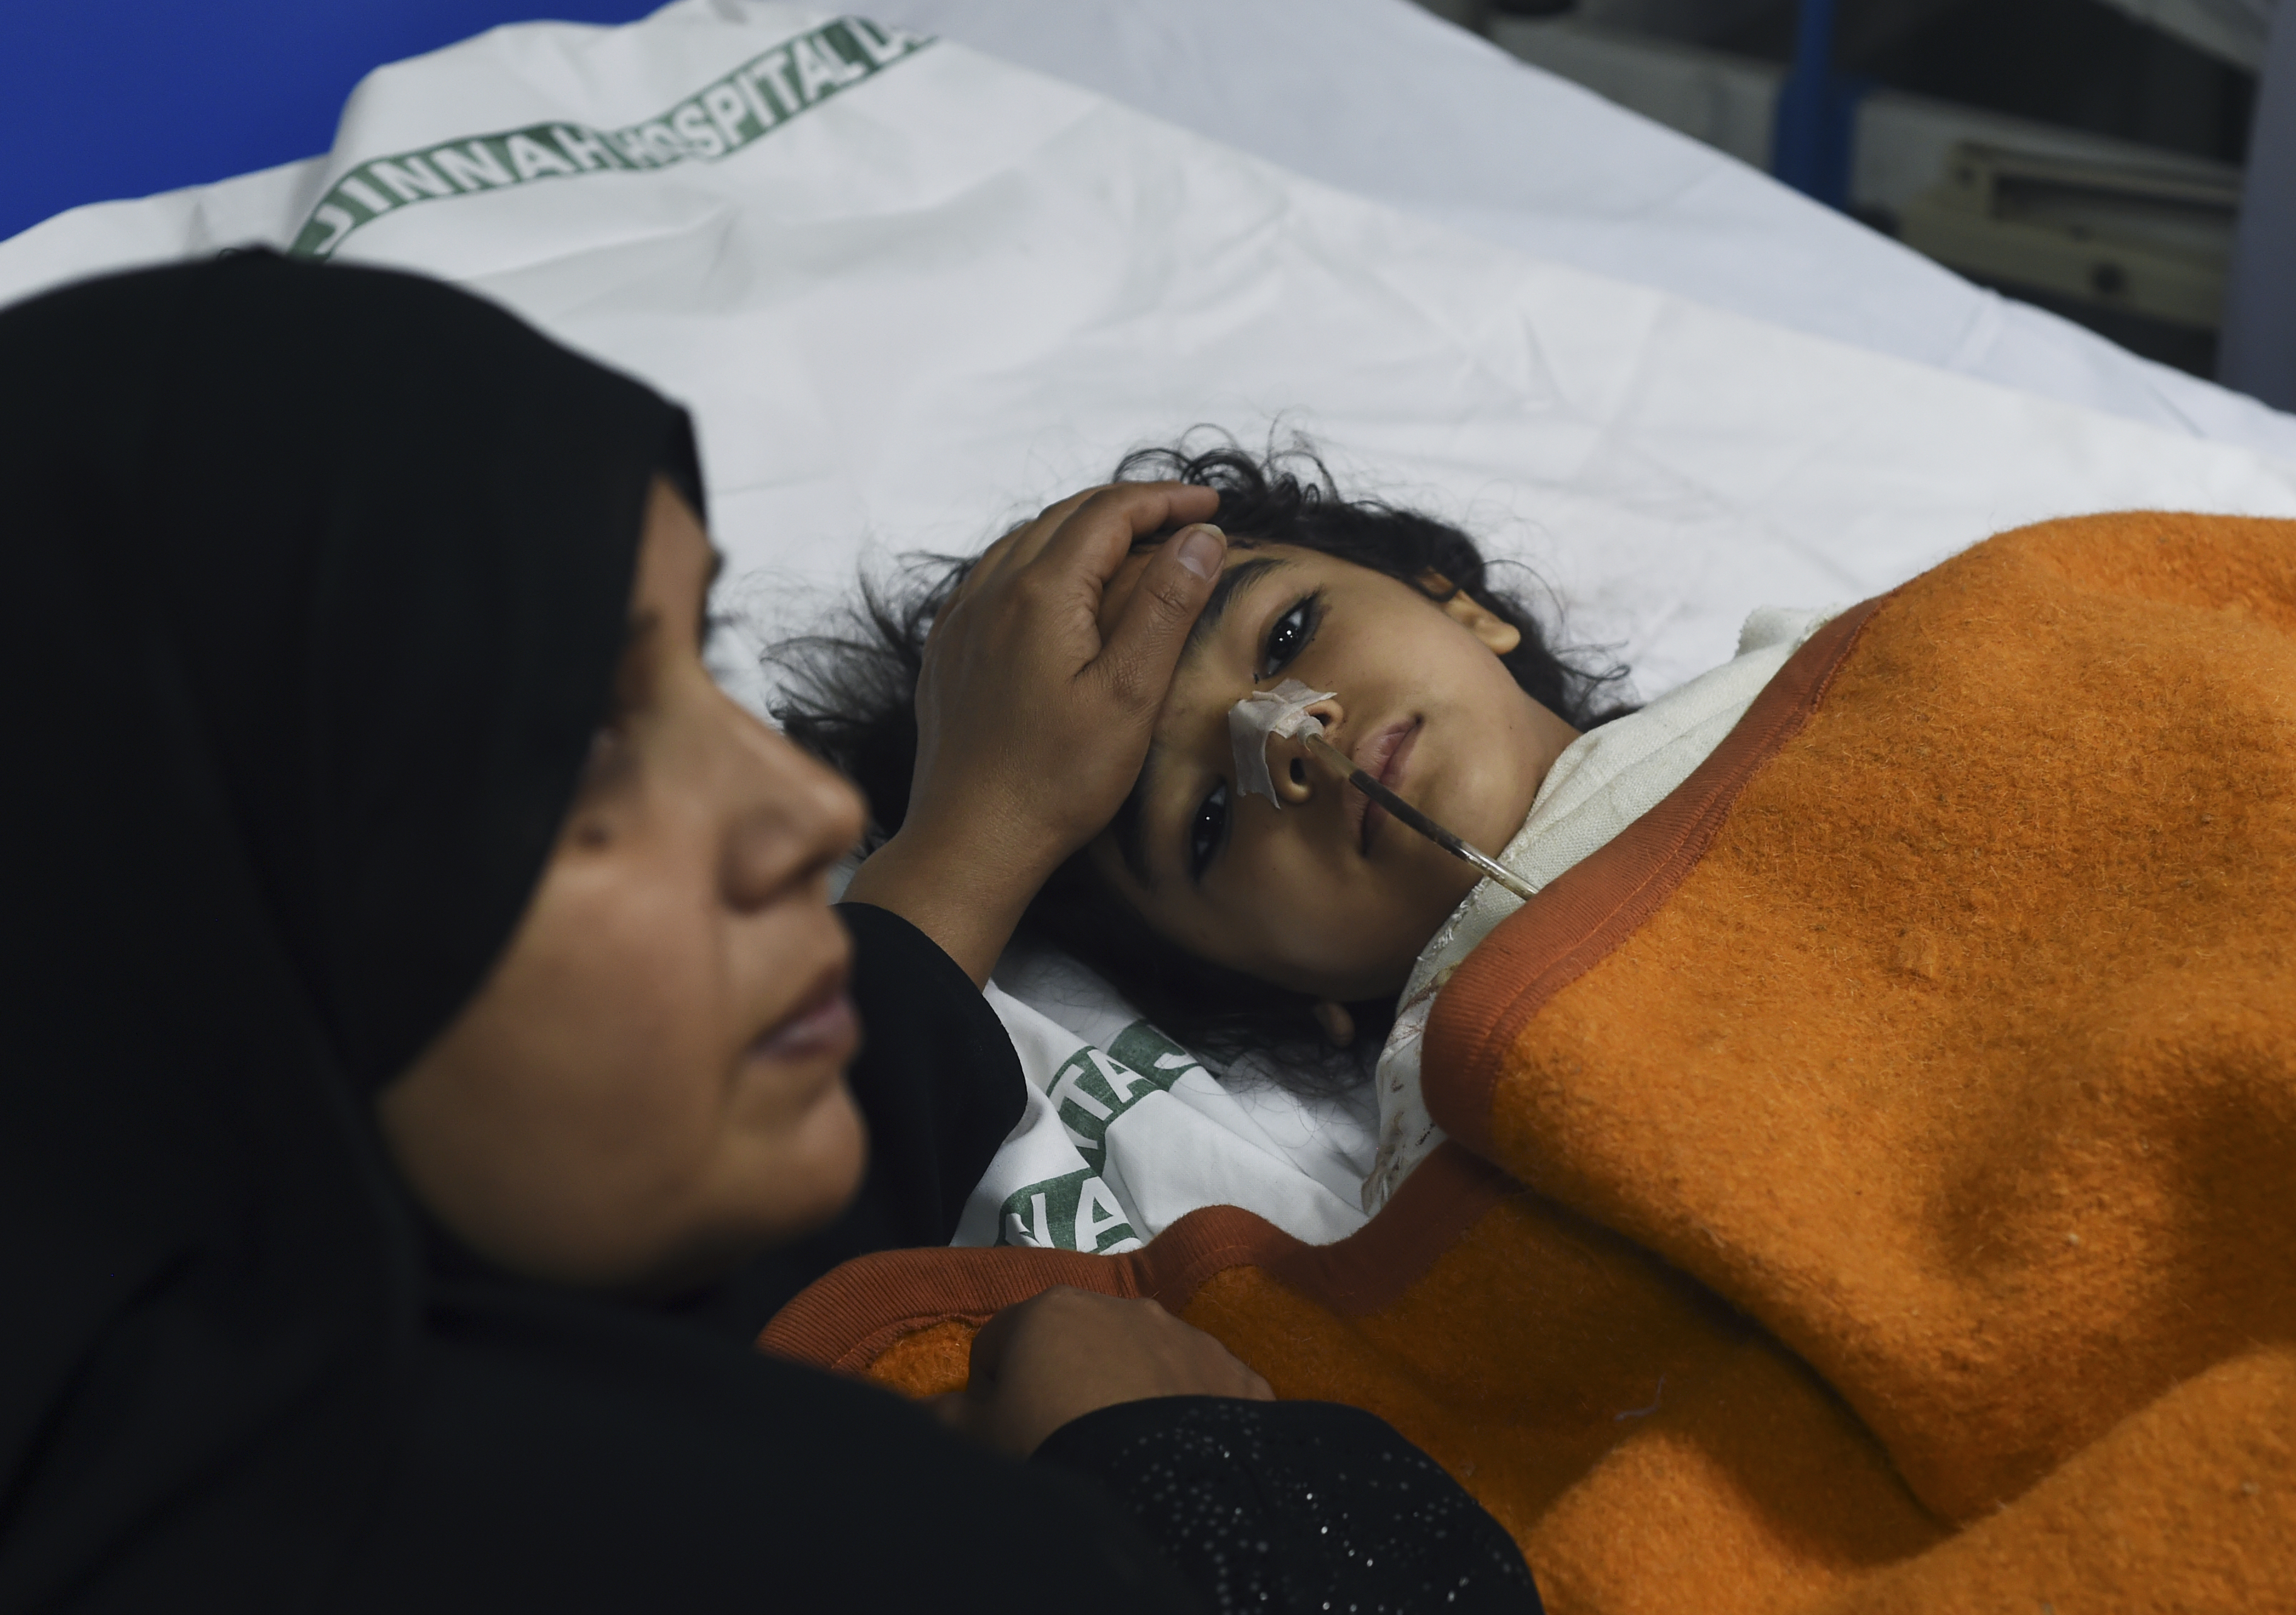 د طالبانو بریدونه په پاکستان کې د ماشومانو لپاره رحم نه لري